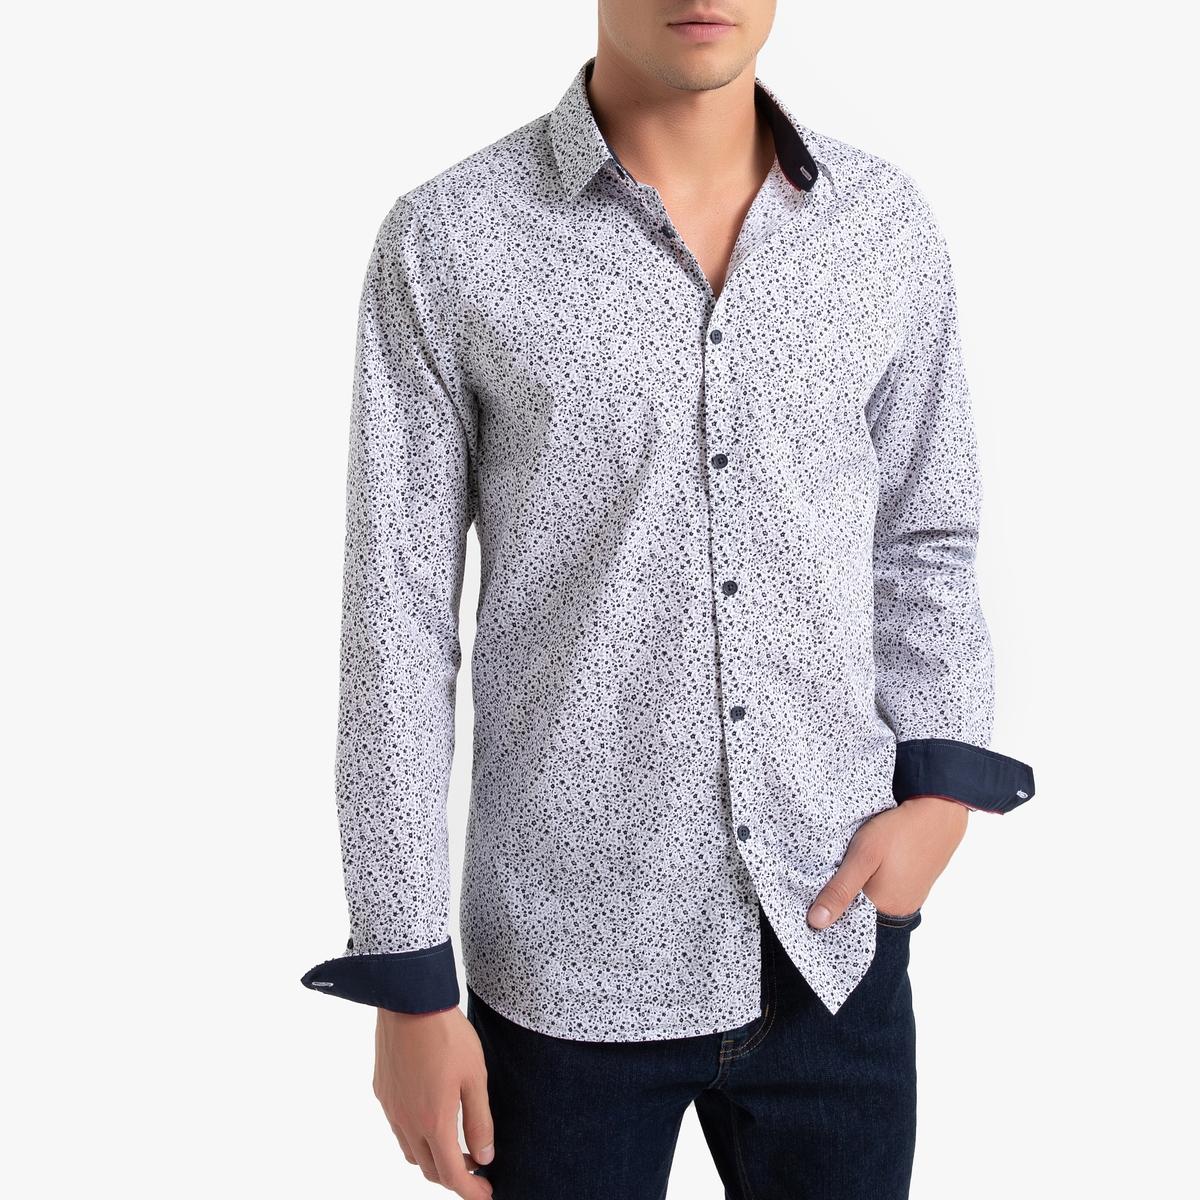 Camisa estampada con corte slim, manga larga